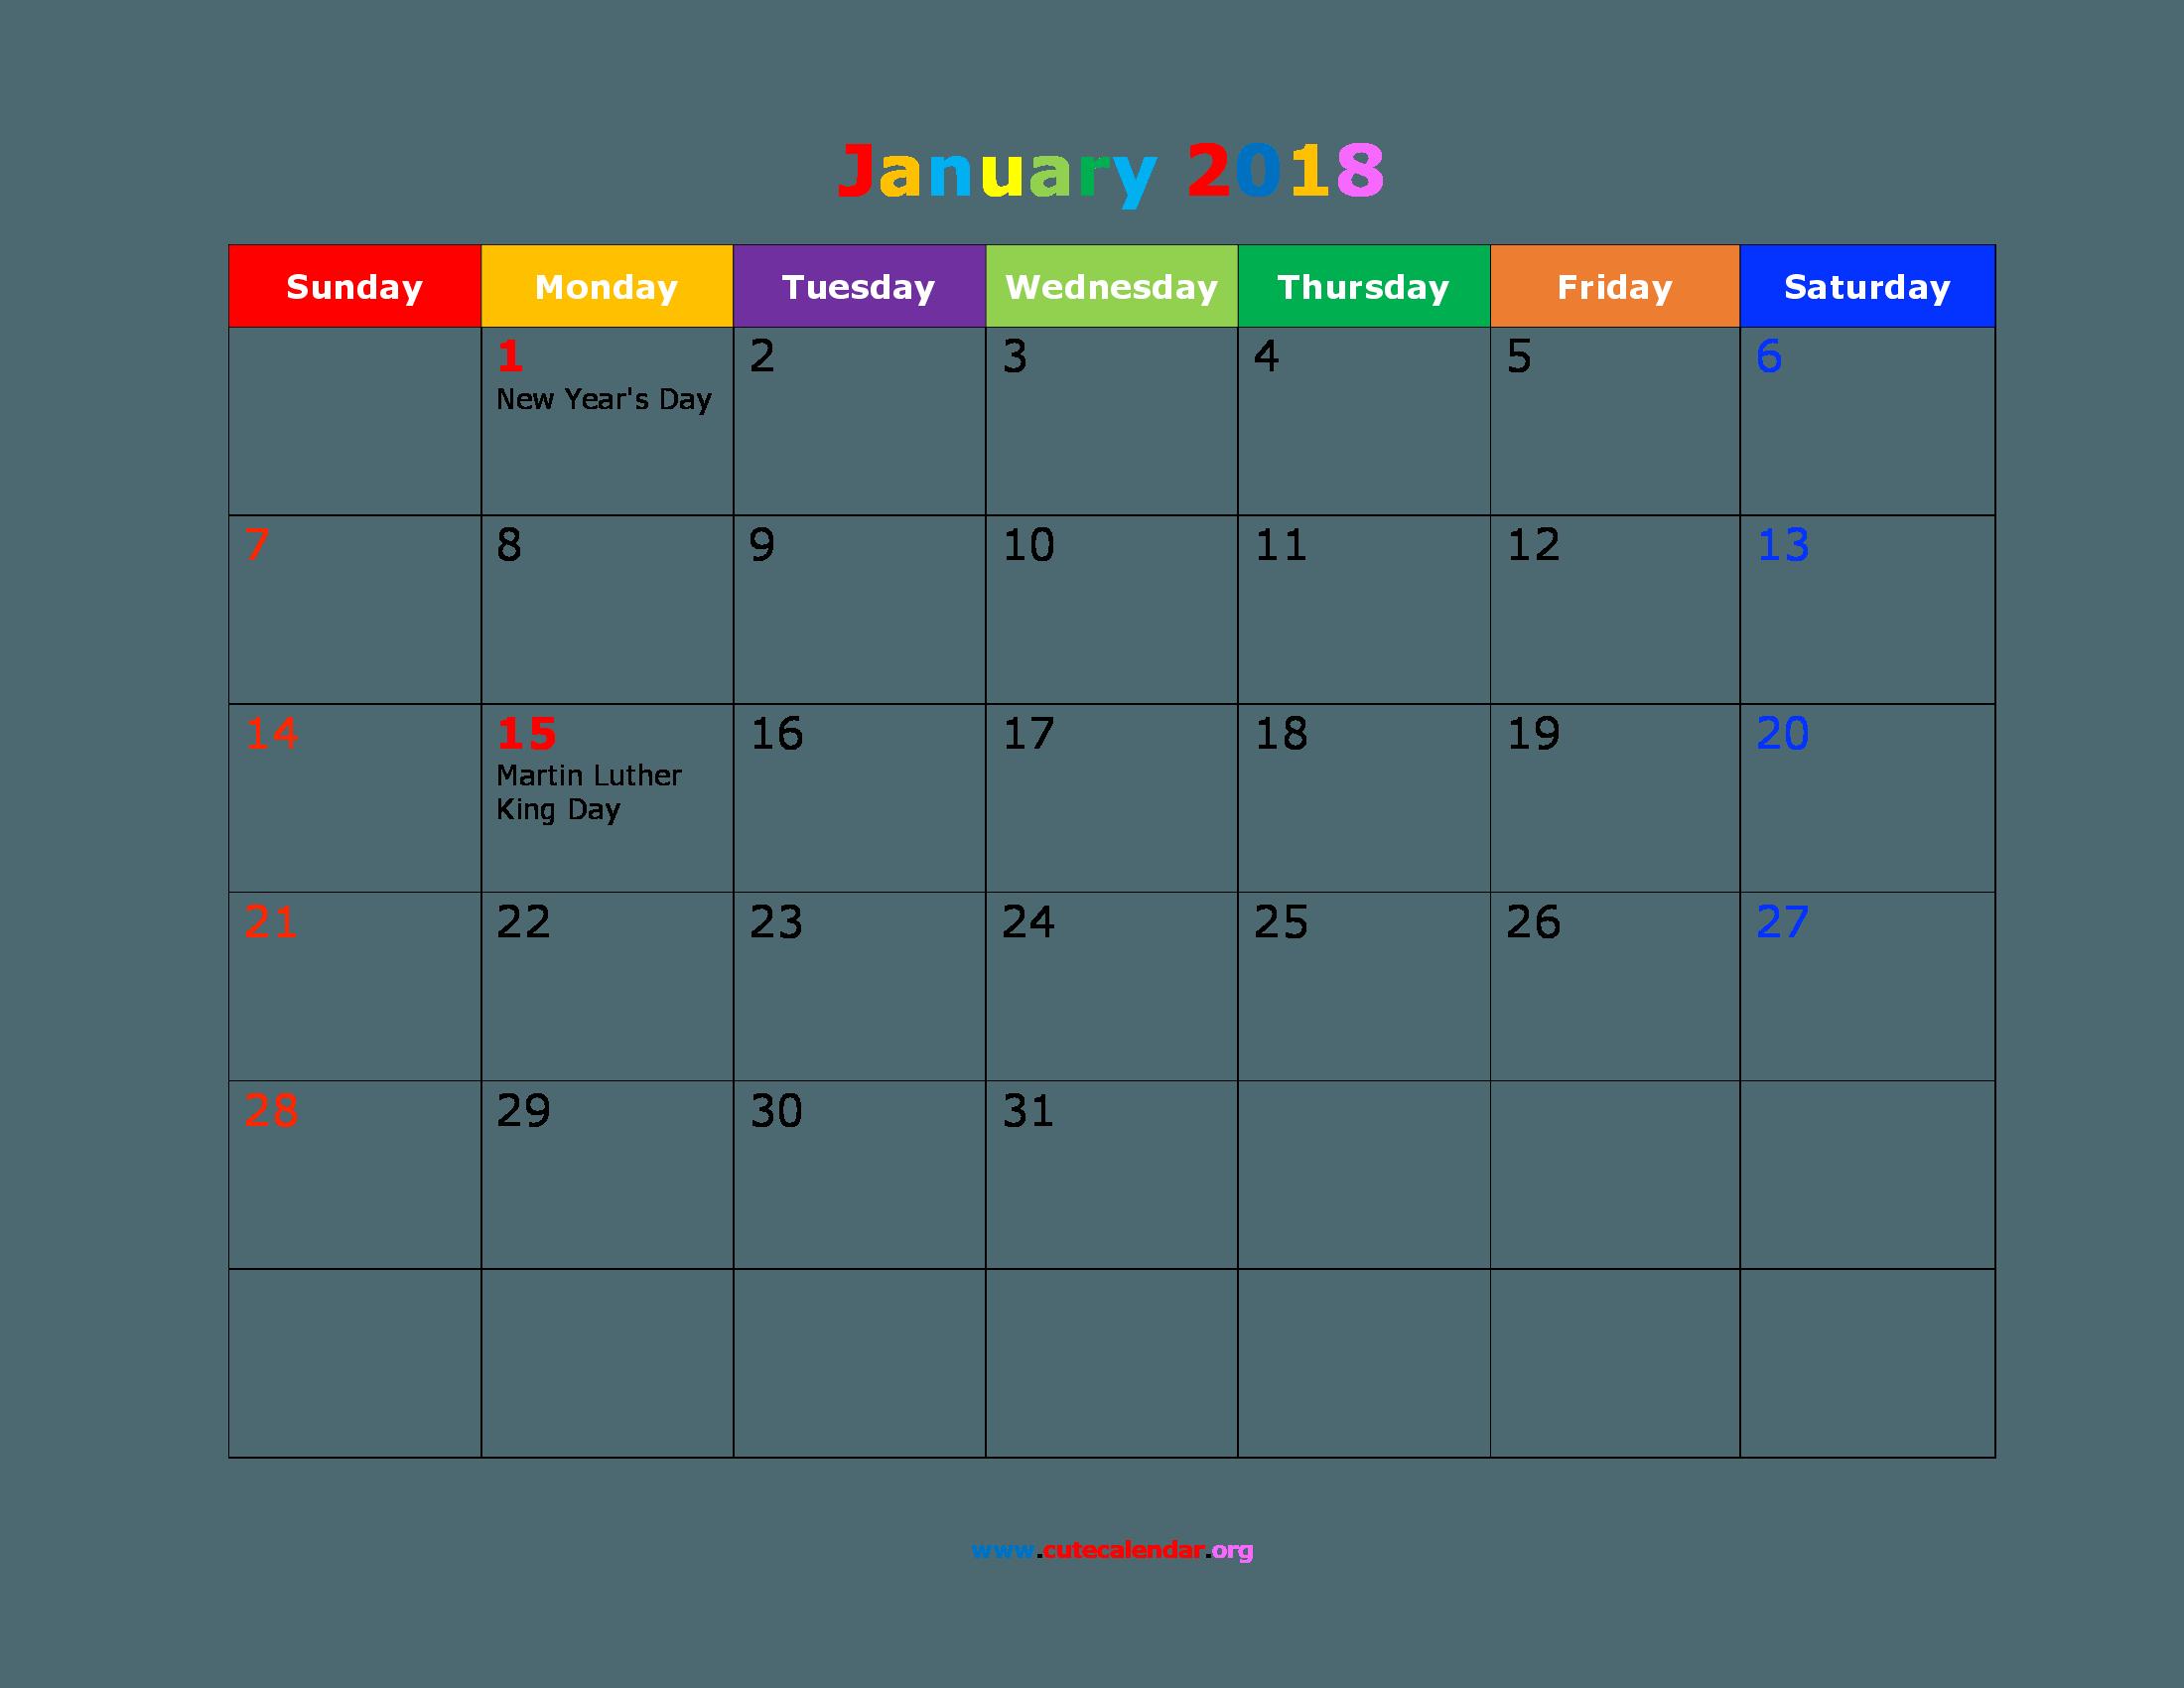 January 2018 calendar 1.png